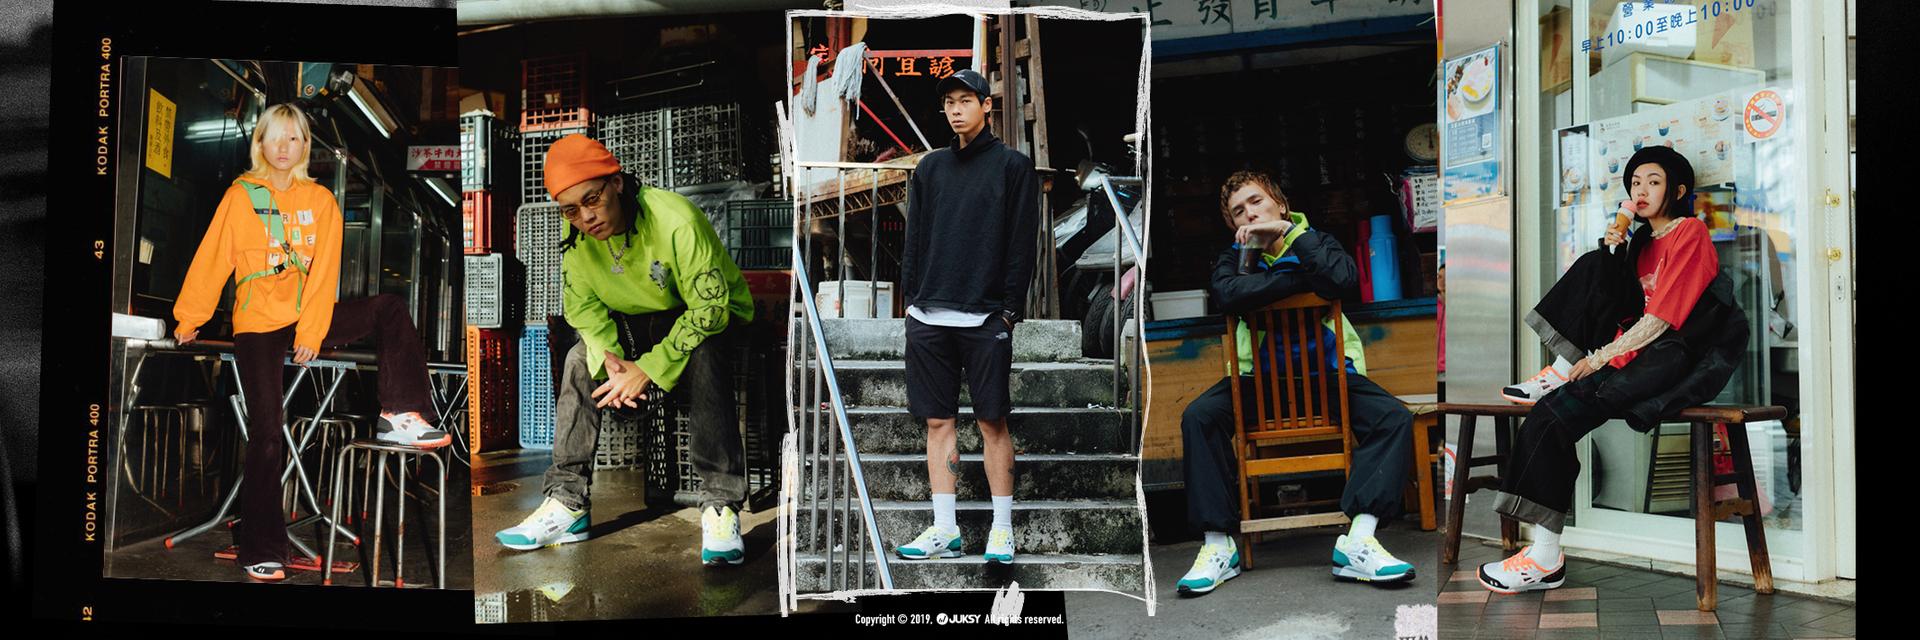 「這雙老鞋前衛到不行!」穿搭型人 x 台北老風景,30 年怎麼玩?只有更經典!